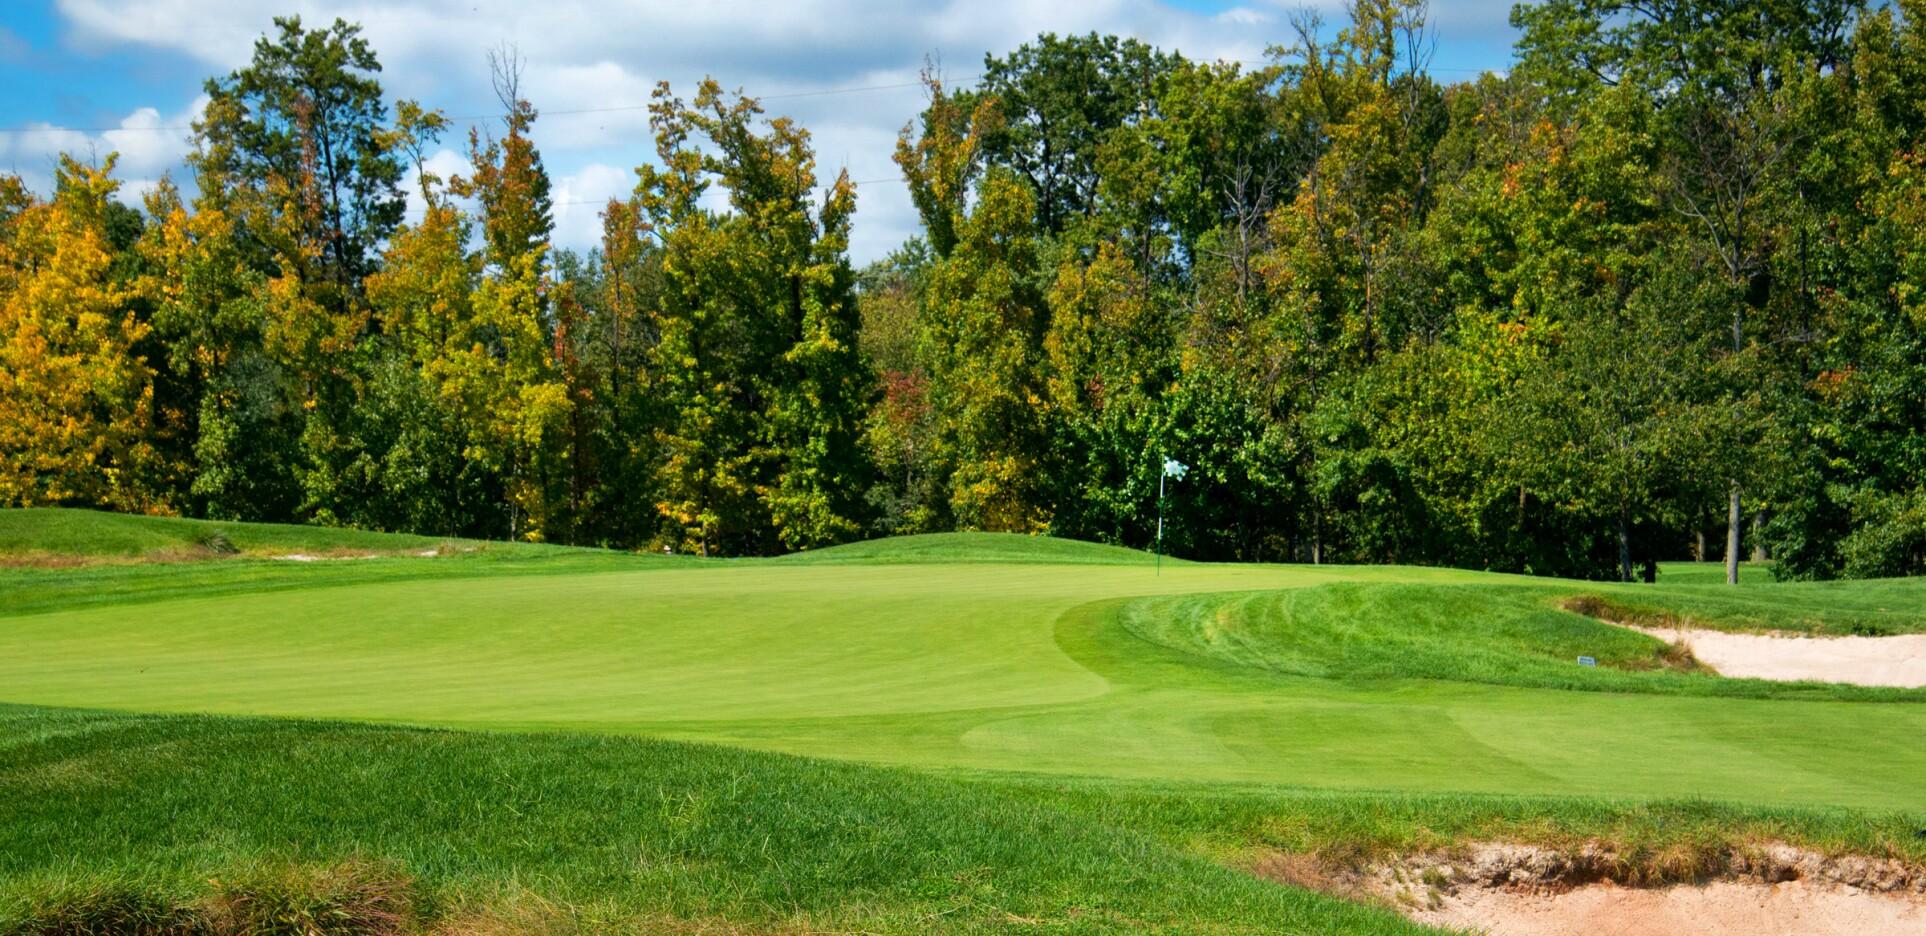 Hole 2 at Hyatt Hills Golf Complex